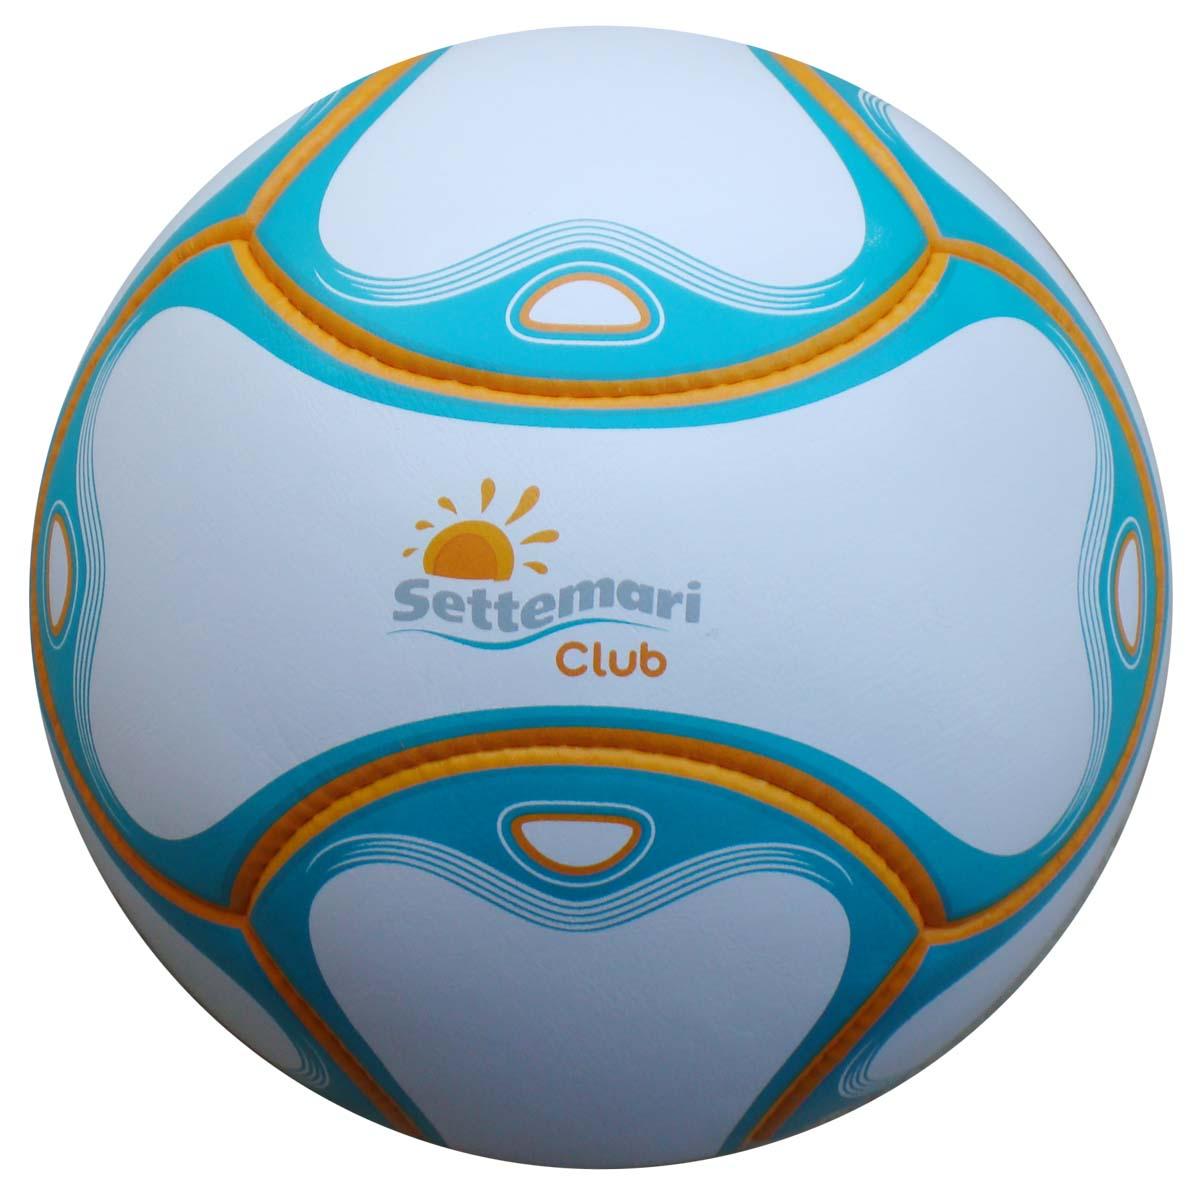 Retro & Beach Soccer - Fußball Schnittmuster - Fußbälle bedrucken